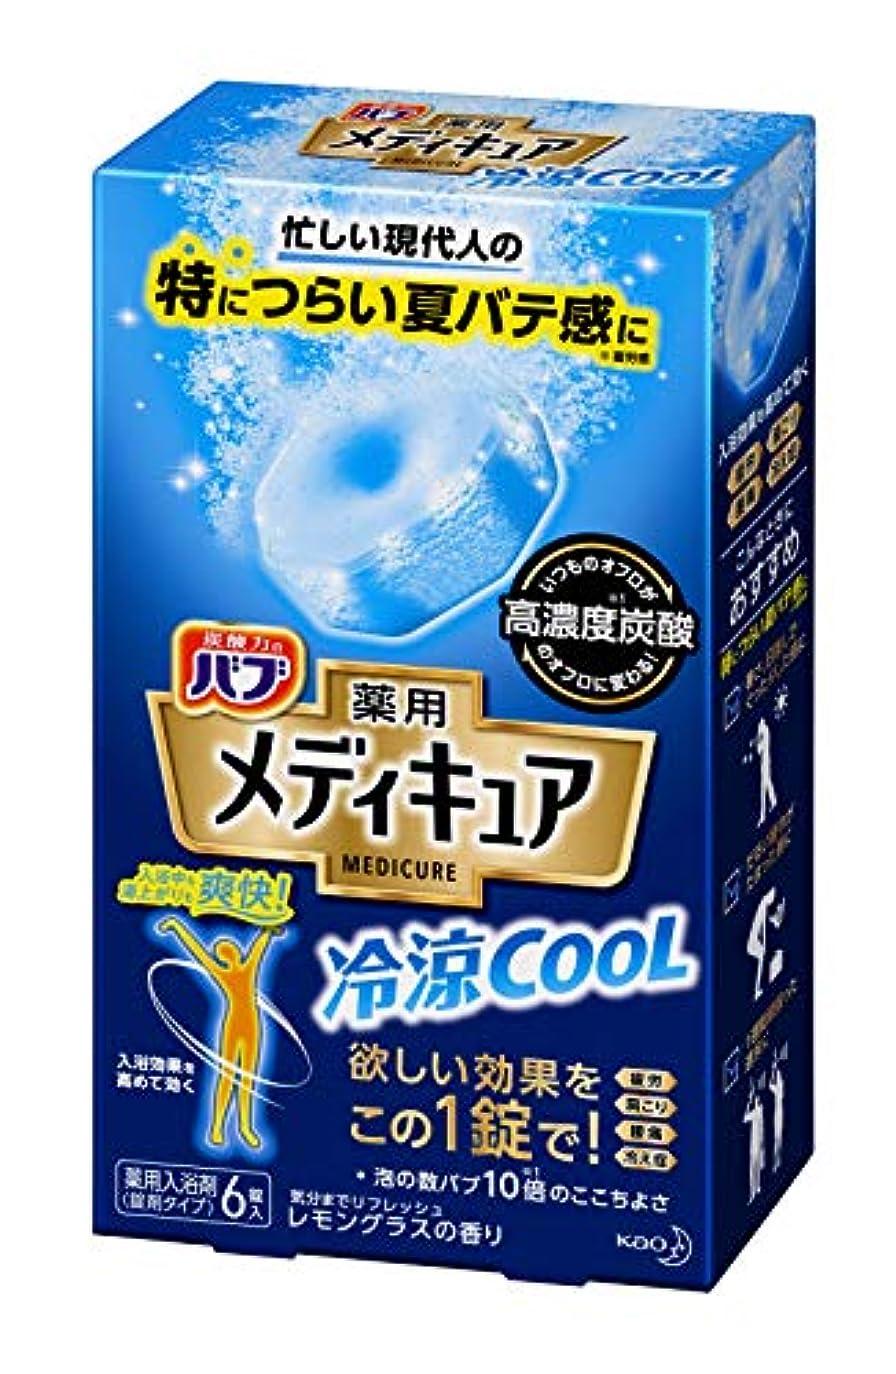 海上寝てるラメバブ メディキュア 冷涼クール レモングラスの香り 6錠入 高濃度 炭酸 温泉成分 (泡の数バブの10倍)